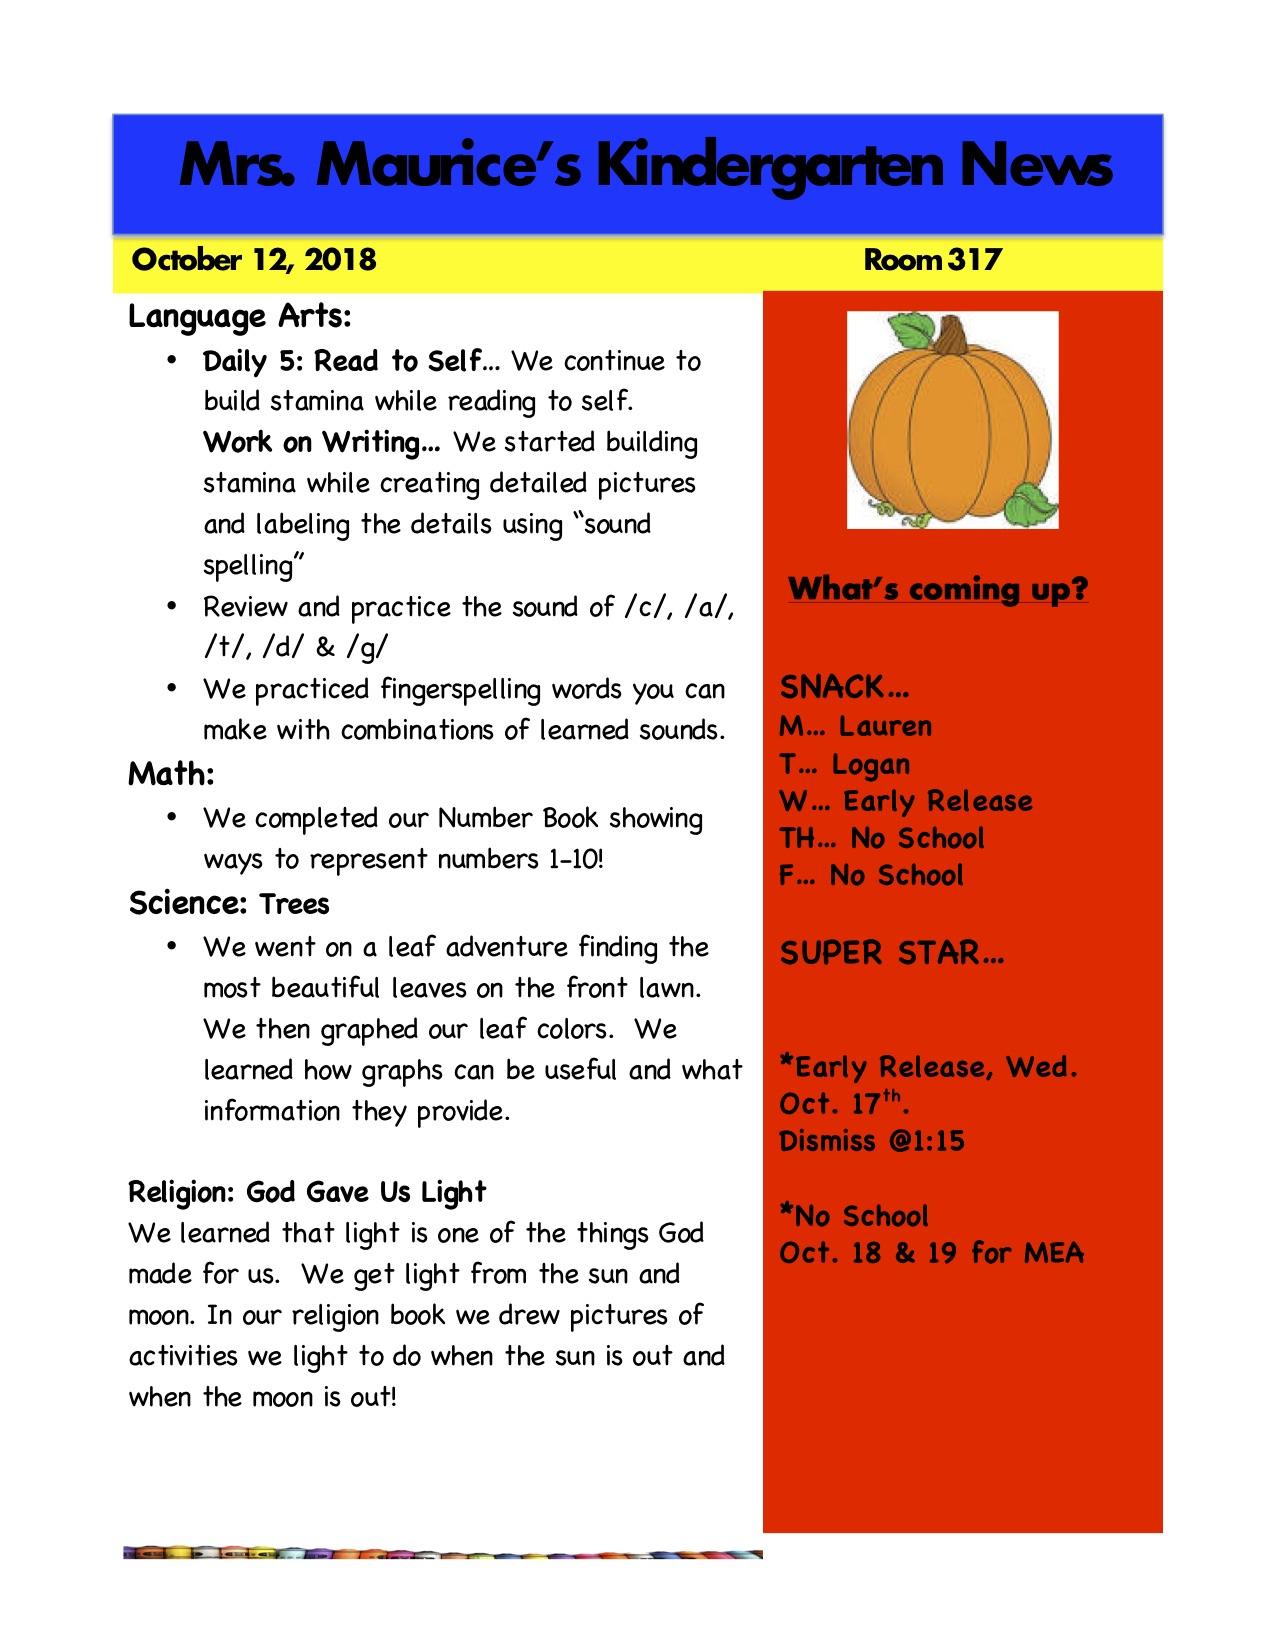 Kindergarten News Oct. 12.jpg